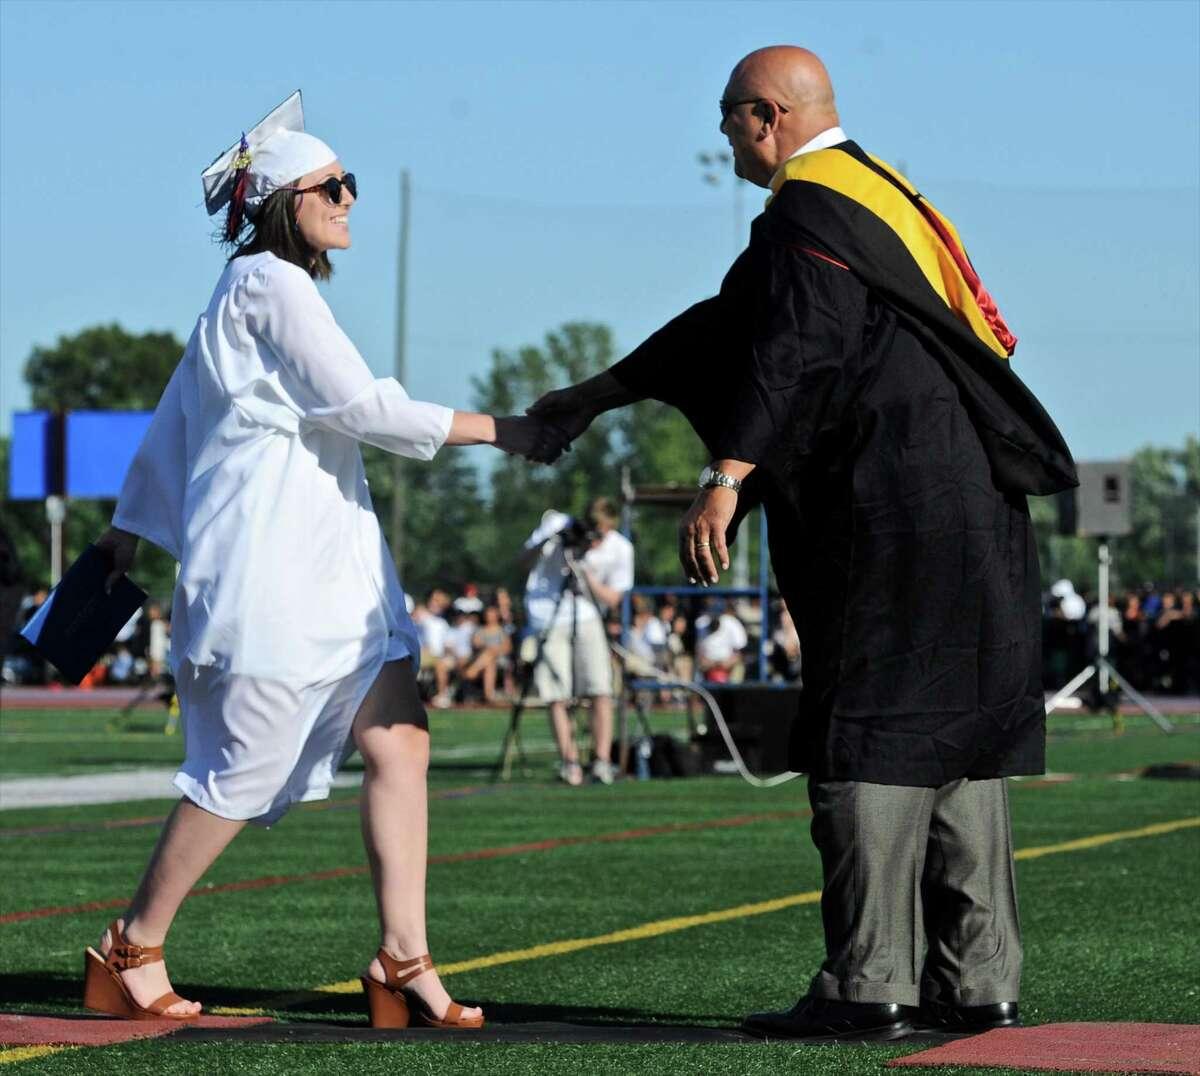 Danbury High School 2016 Commencement Exercises, held at Danbury High School, Wednesday, June 9, 2016, in Danbury, Conn.